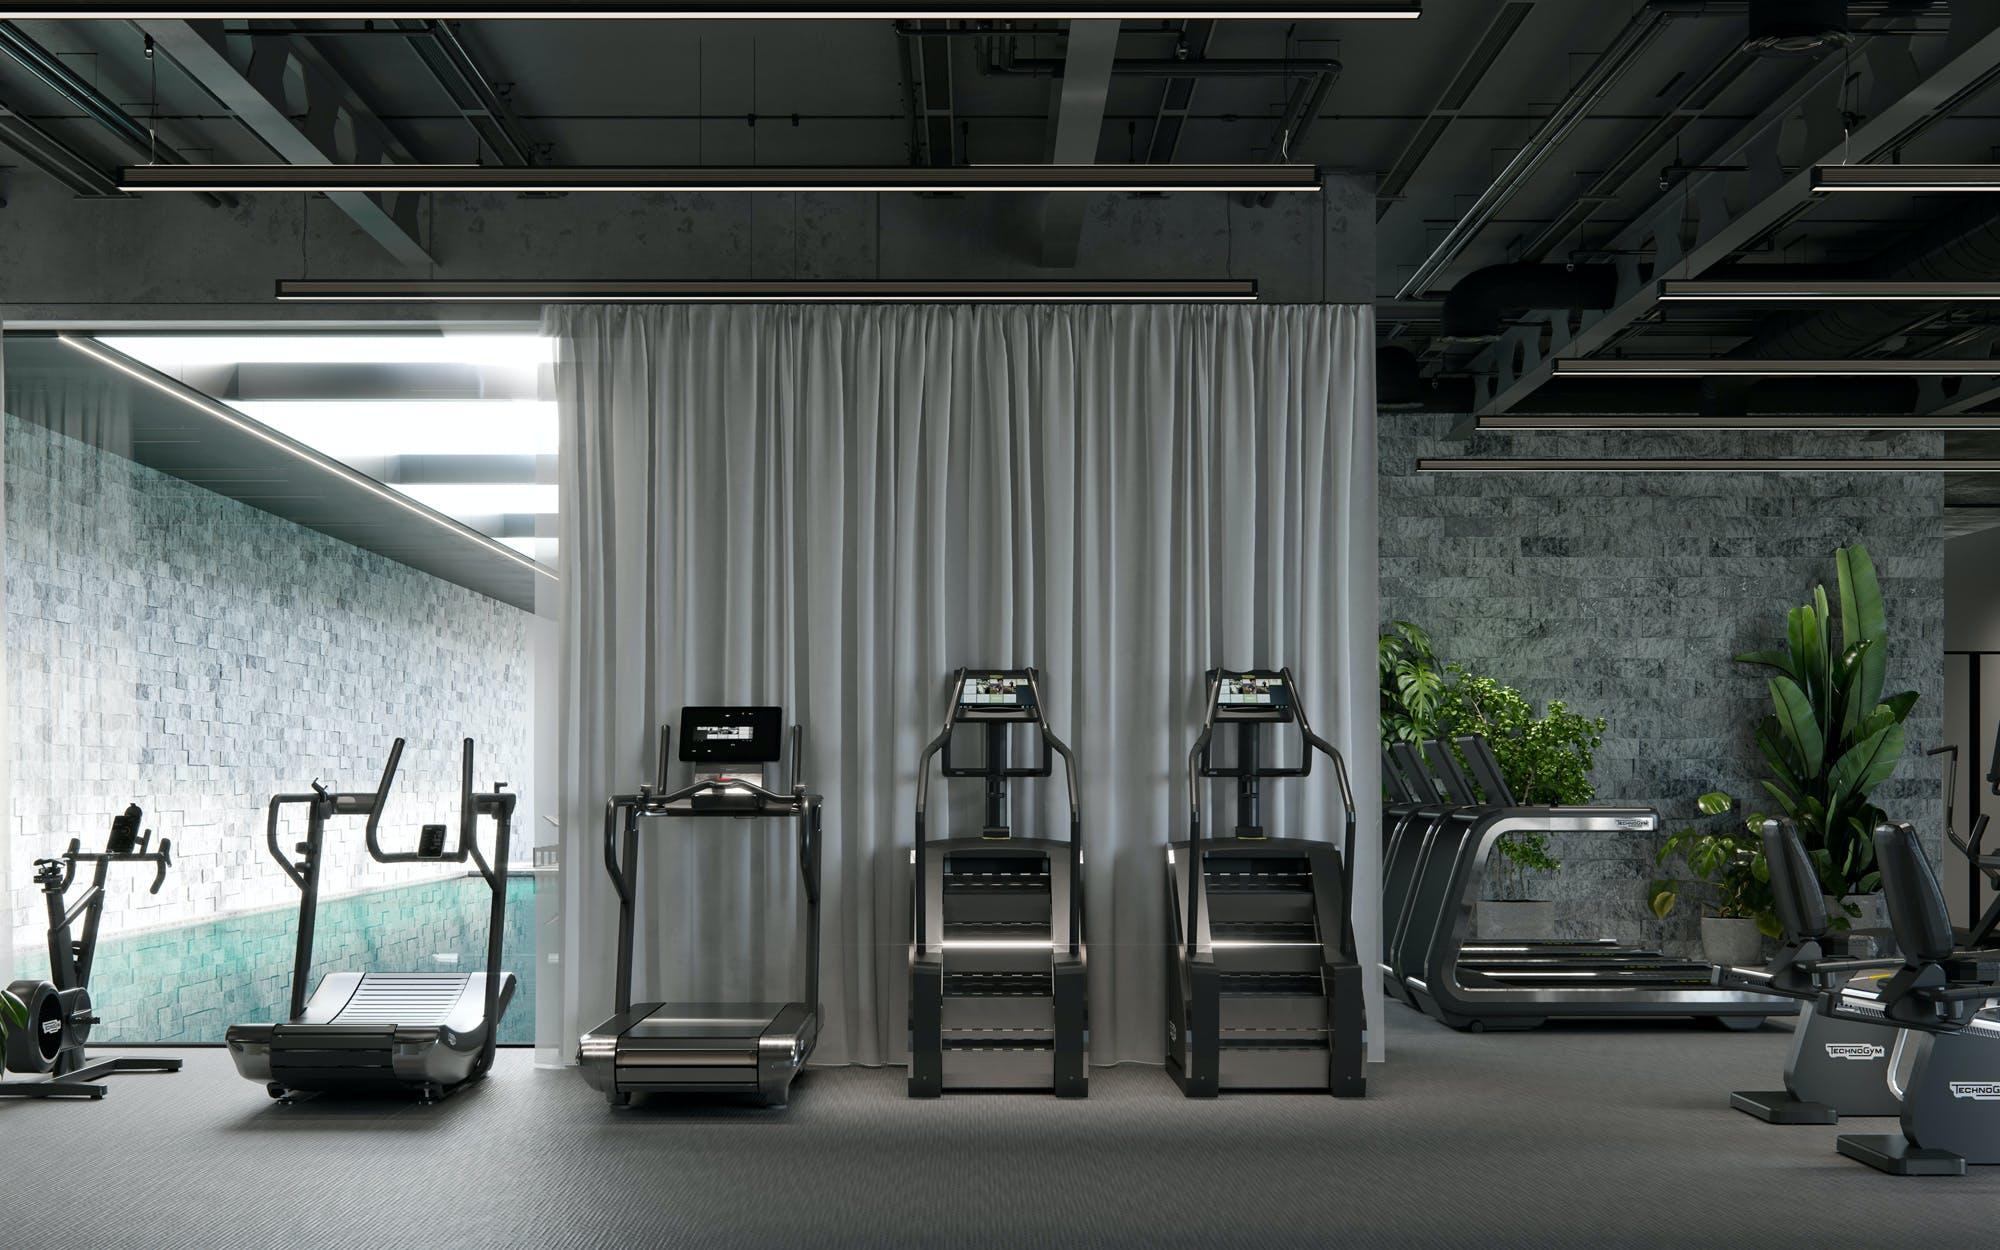 World class gym equipment